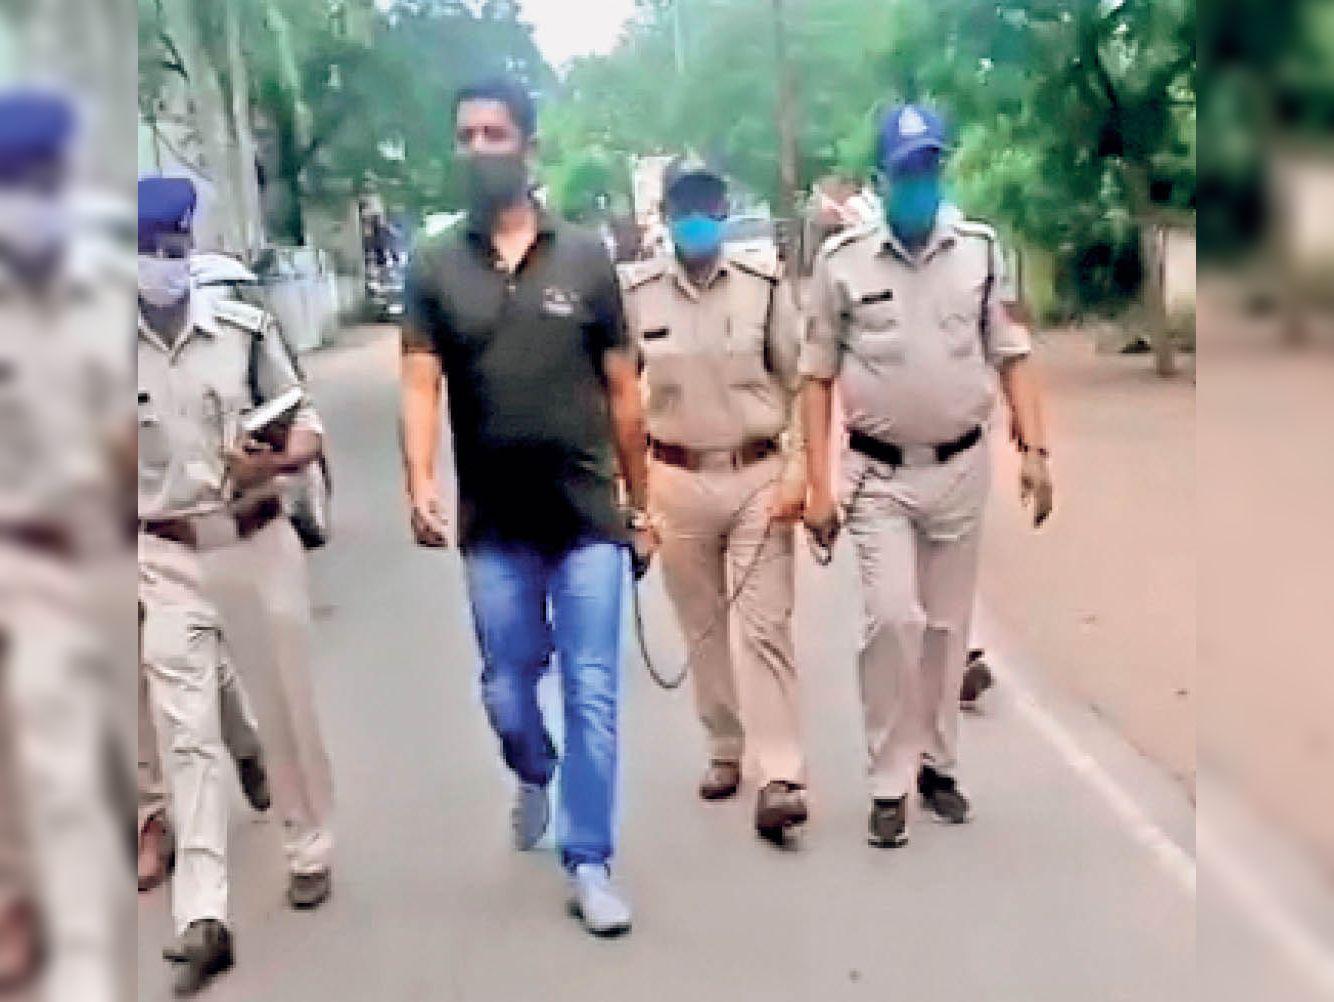 हत्या के प्रयास के आरोपी बंटी राठौर को पैदल कोर्ट ले जाती पुलिस। - Dainik Bhaskar